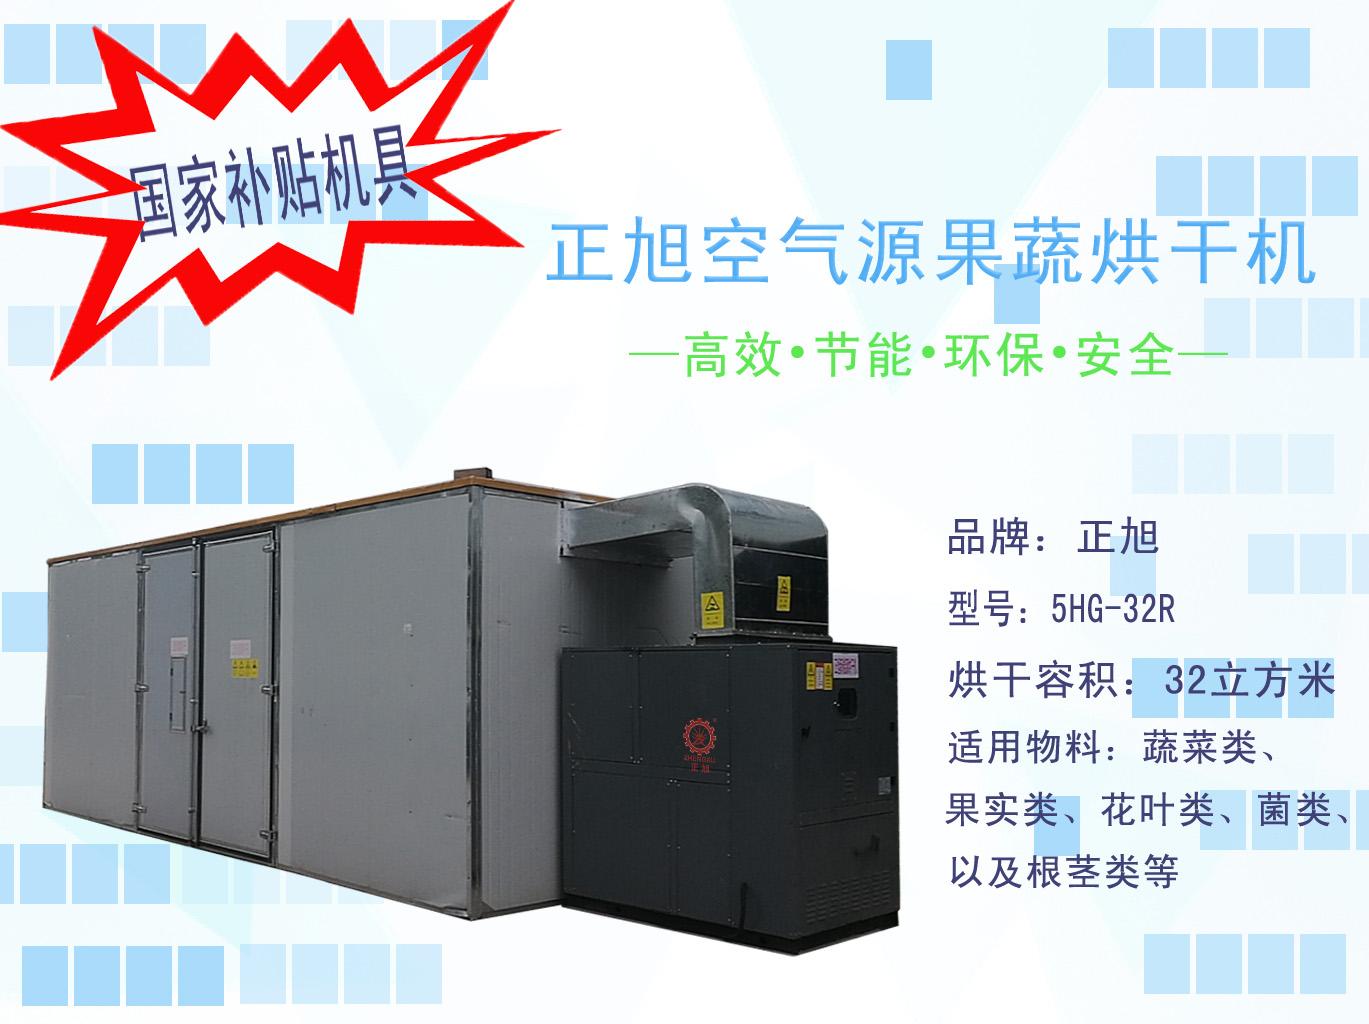 正旭5HG-32R果蔬烘干机已入全国农机补贴目录